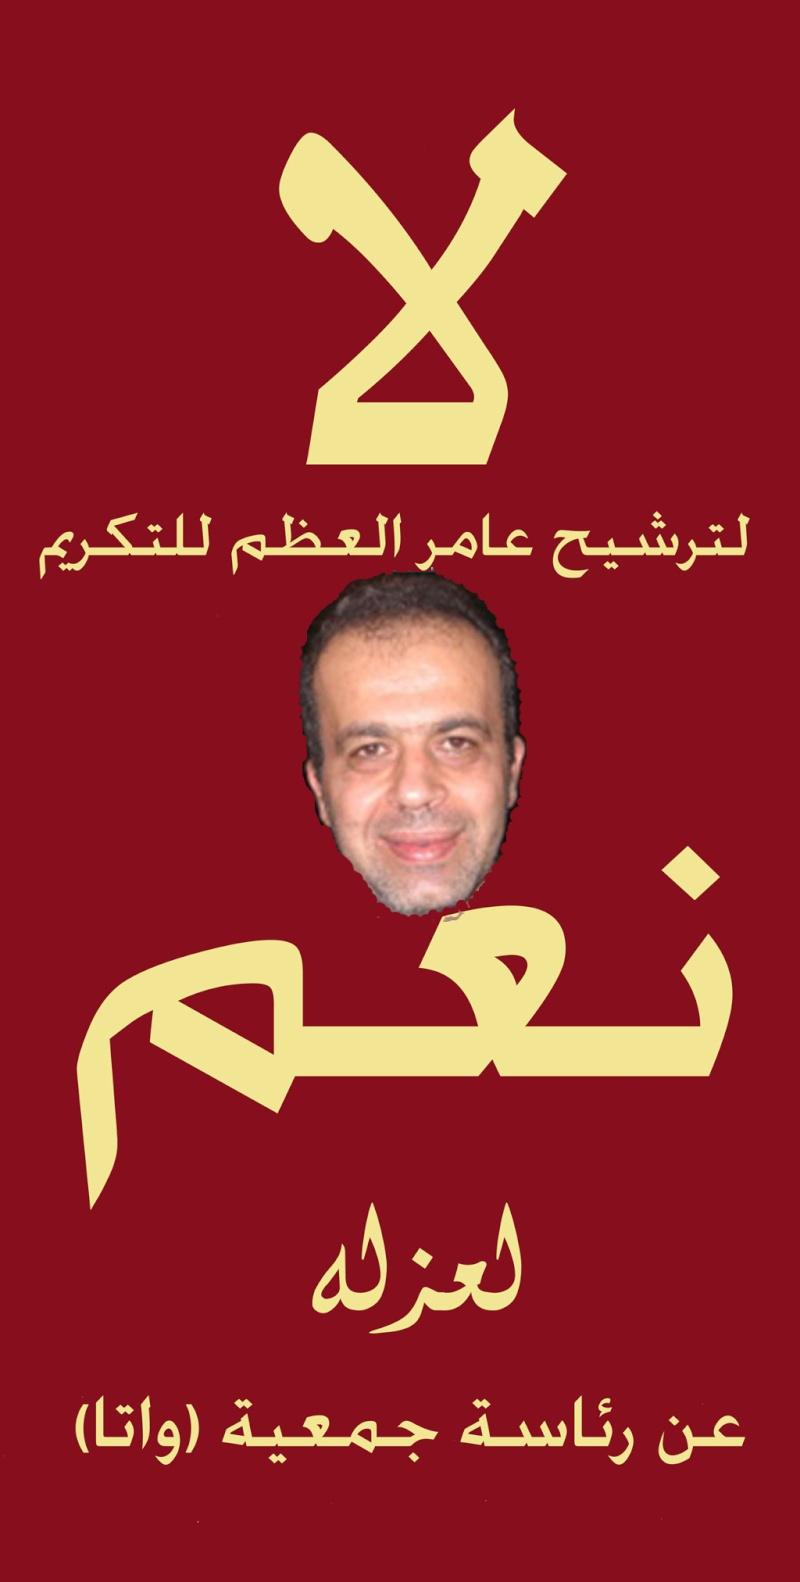 لقد أعذر من أنذر!- بيان هام للنشر و التعميم من أجل غزة ! Affich11